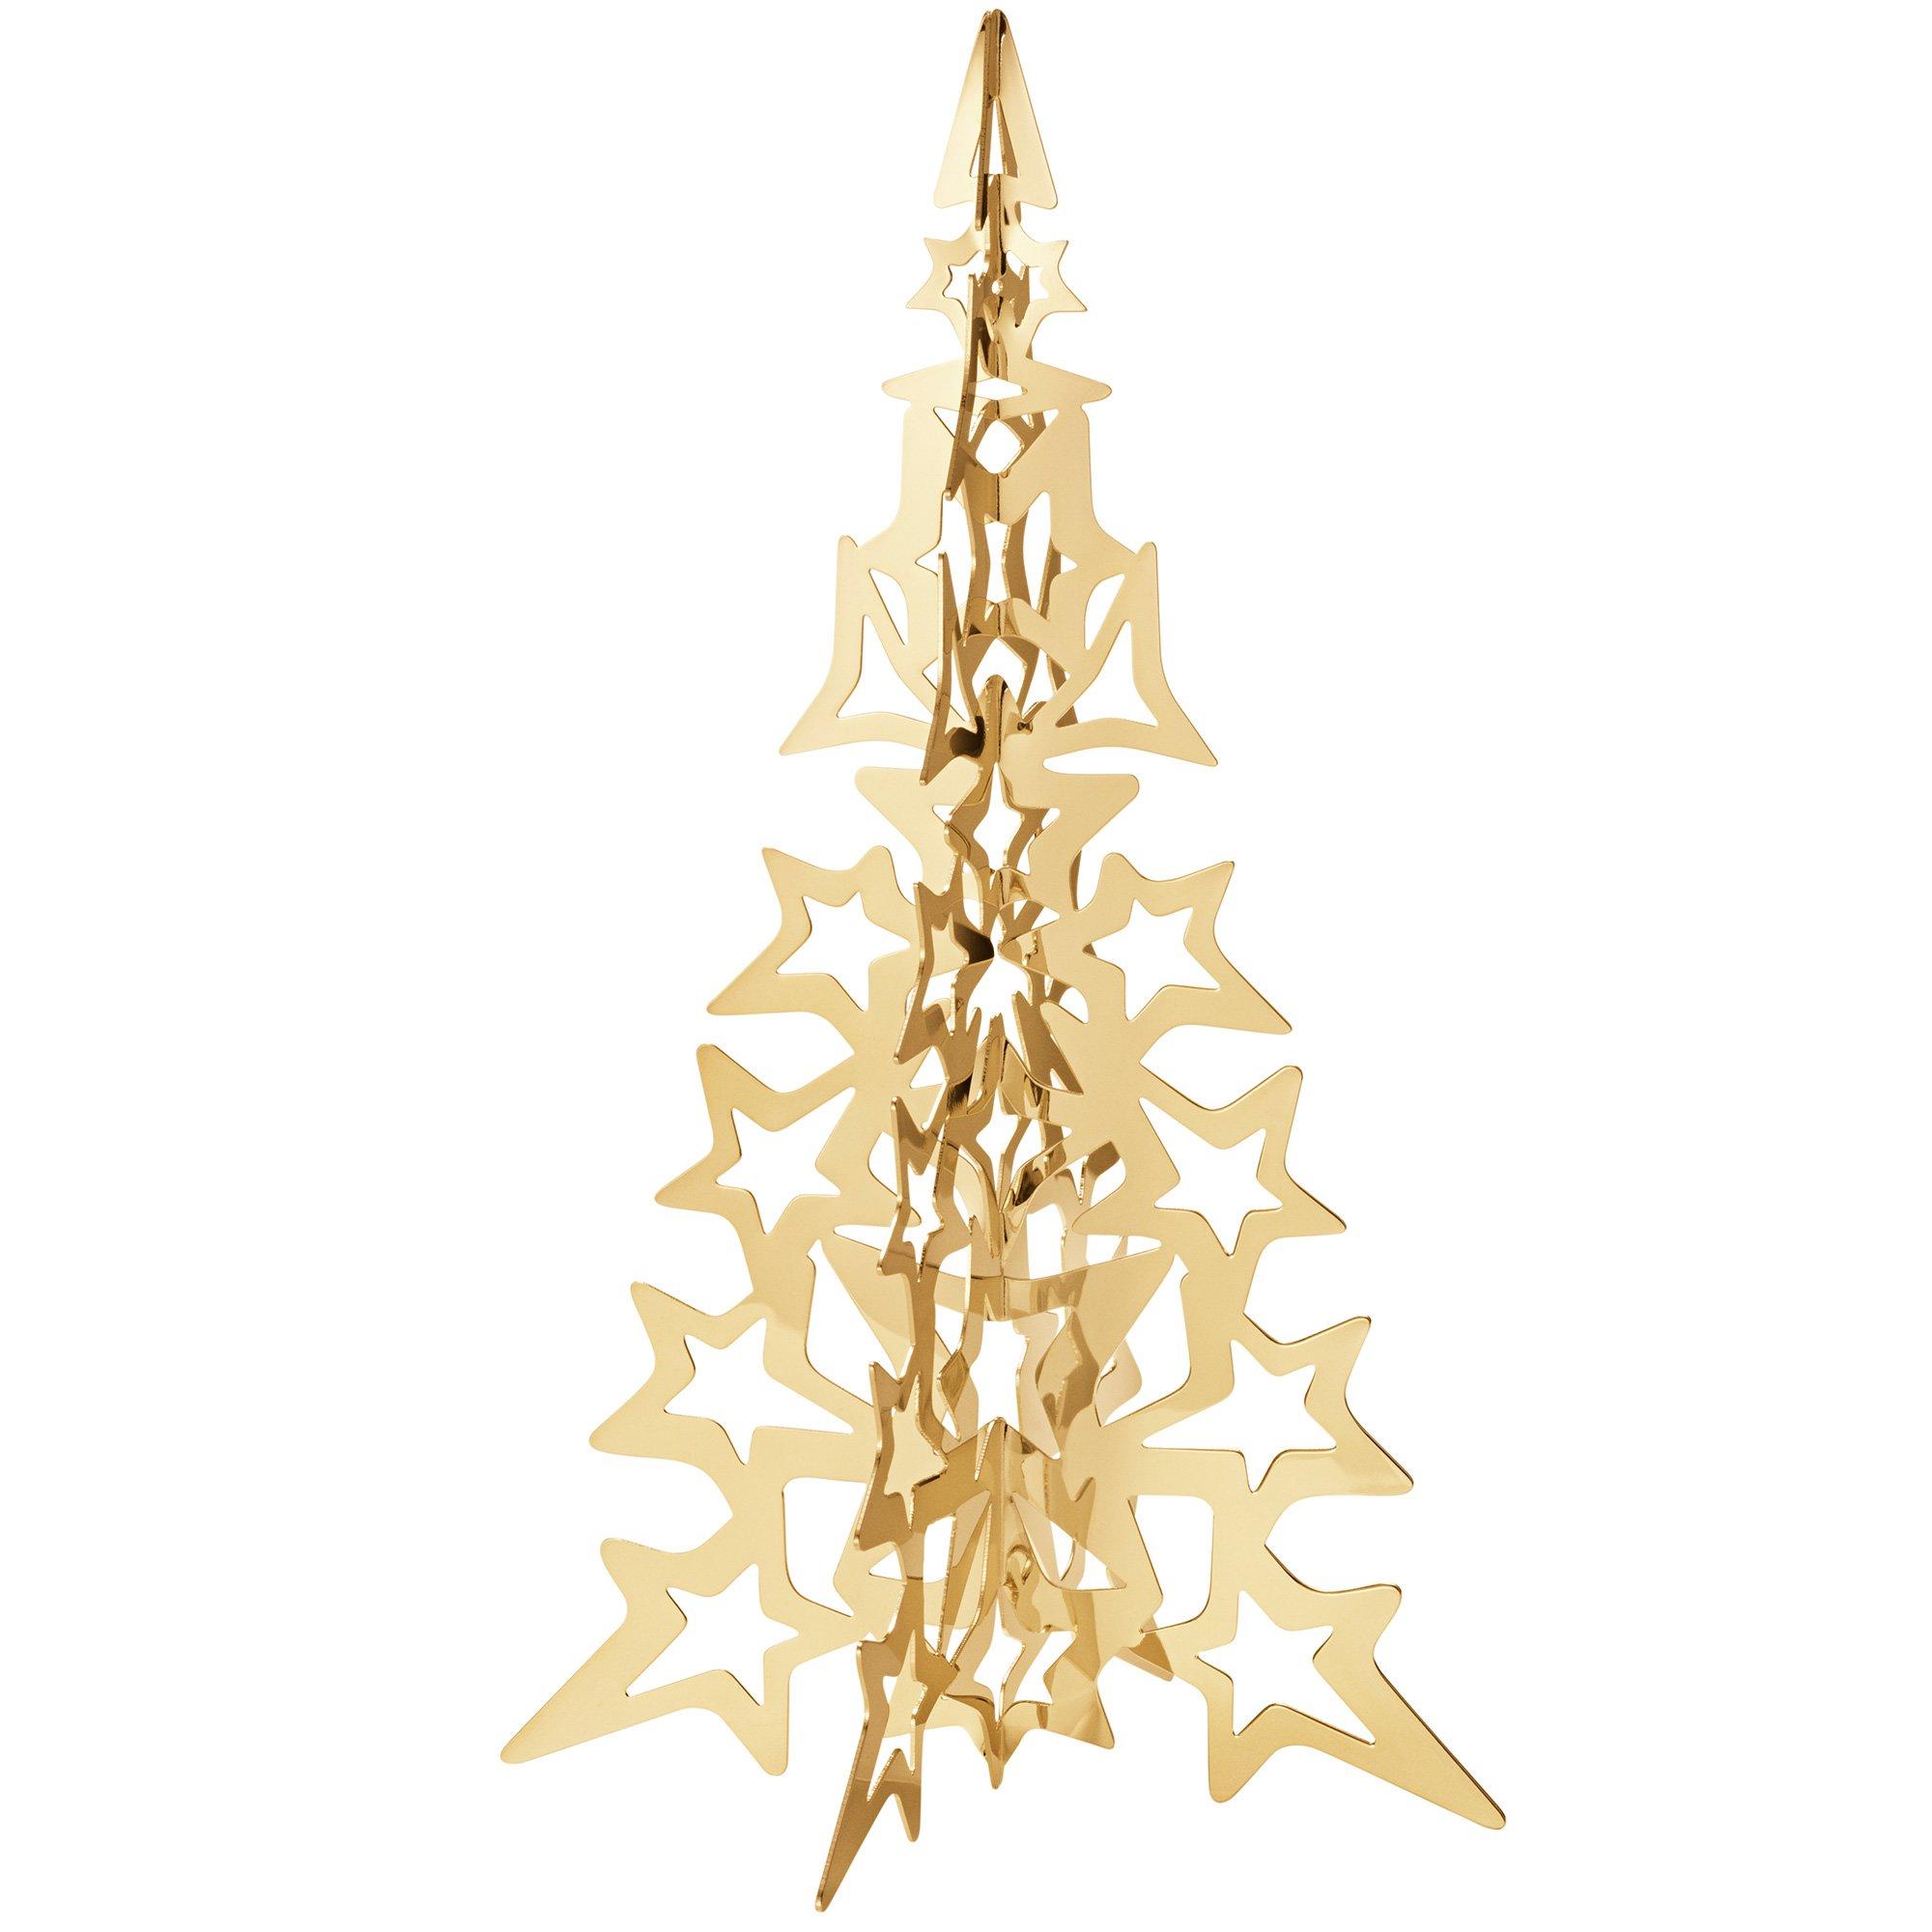 Billede af 2021 guld juletræ, stor